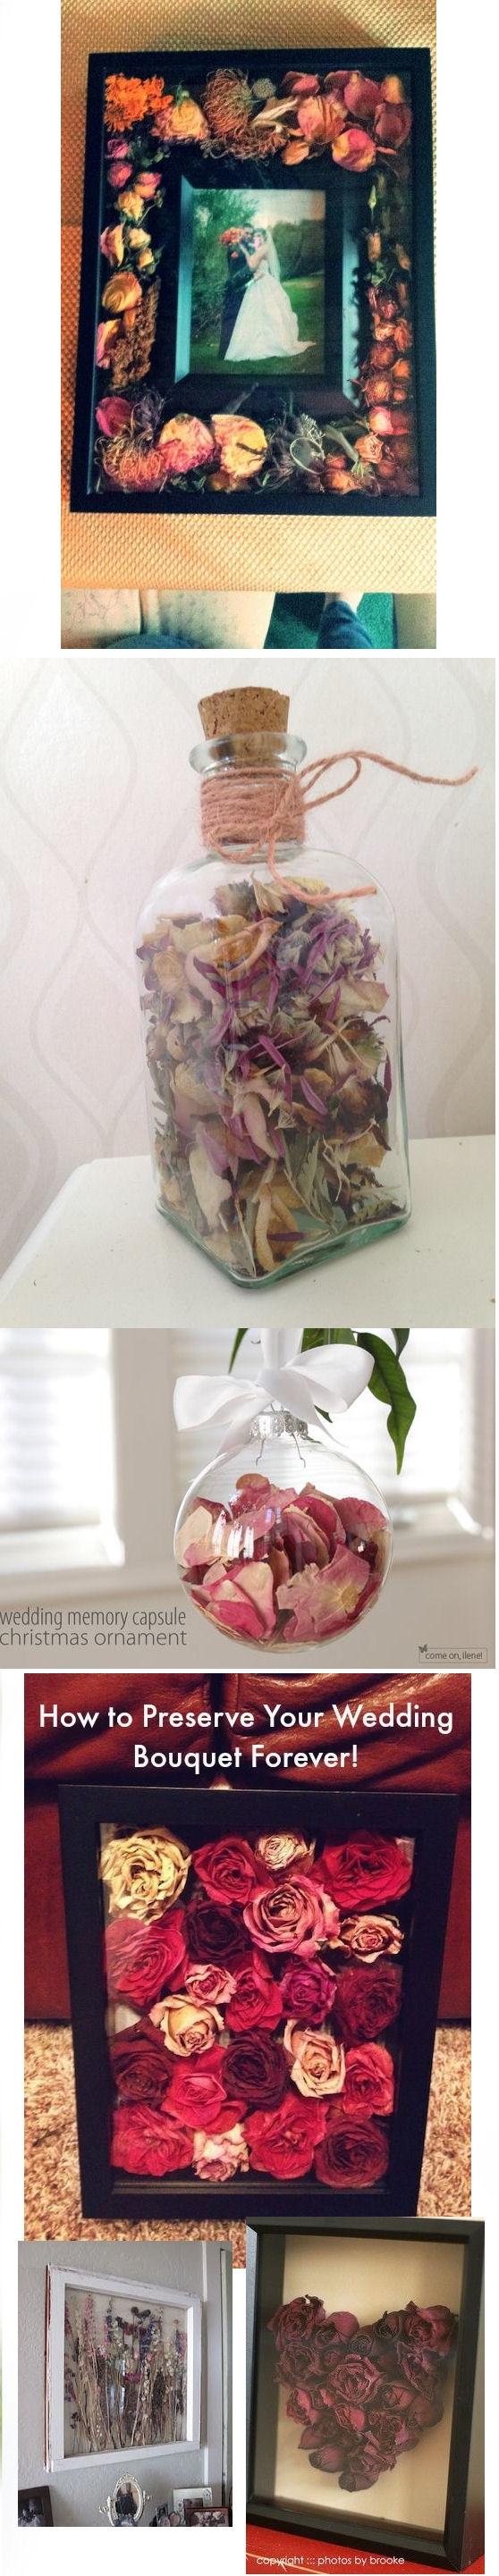 pomysły na zachowanie bukietu ślubnego:) Co o tym myślicie? Macie coś zachowanego z ślubu oprócz obrączki i pamiątkowych zdjęć?:)